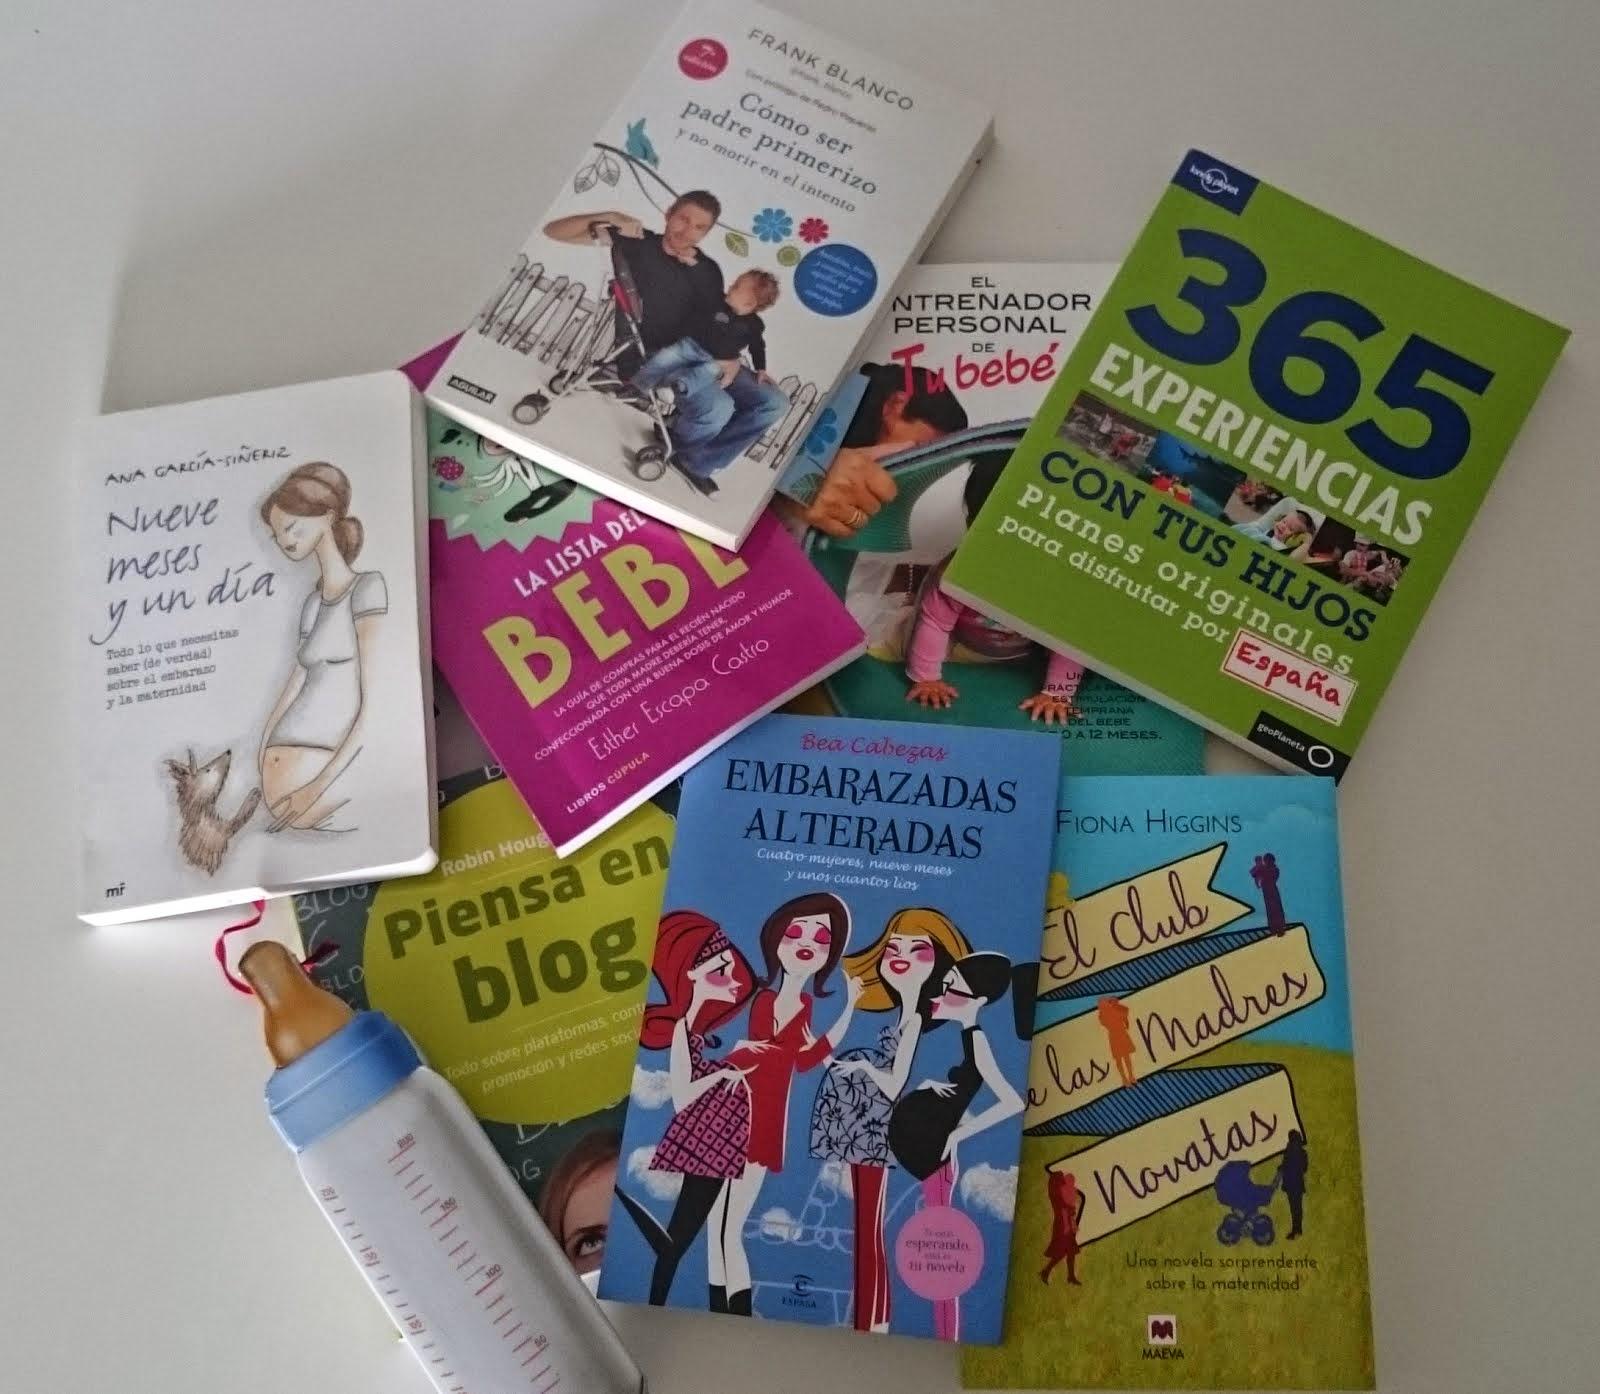 ¿Qué libros me interesan?